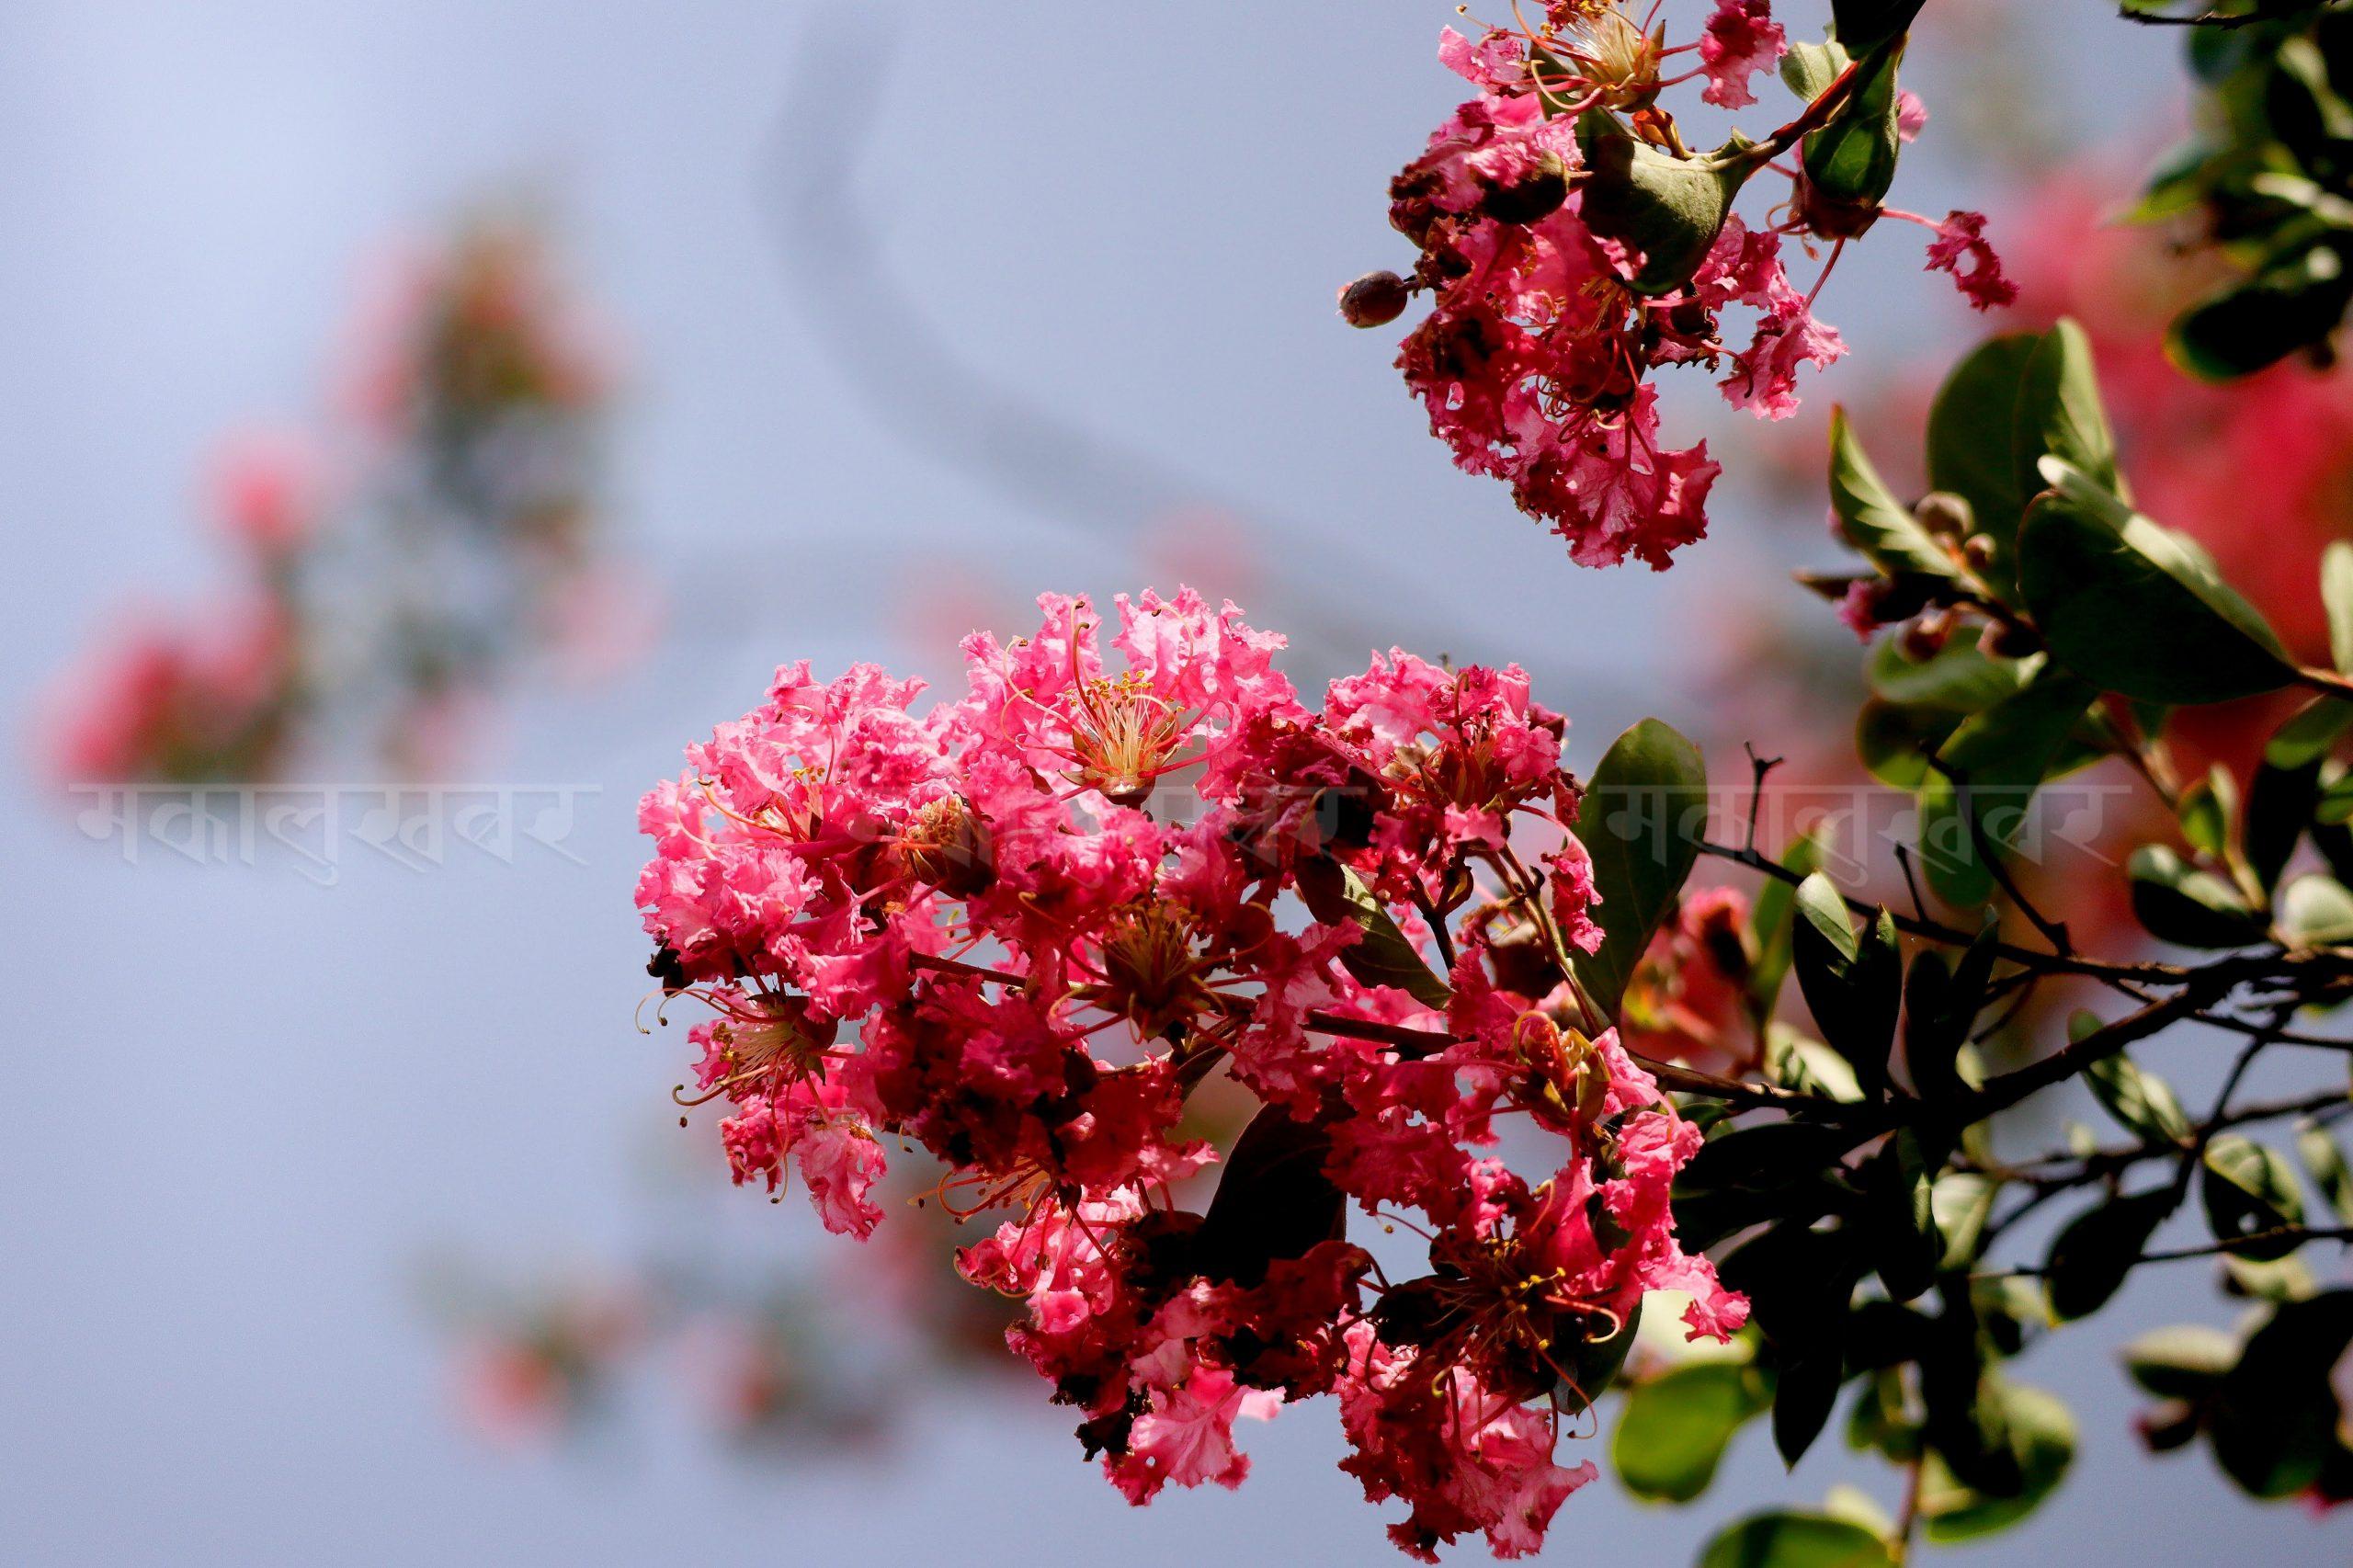 आहा ! असारे फूल (फोटोफिचर)